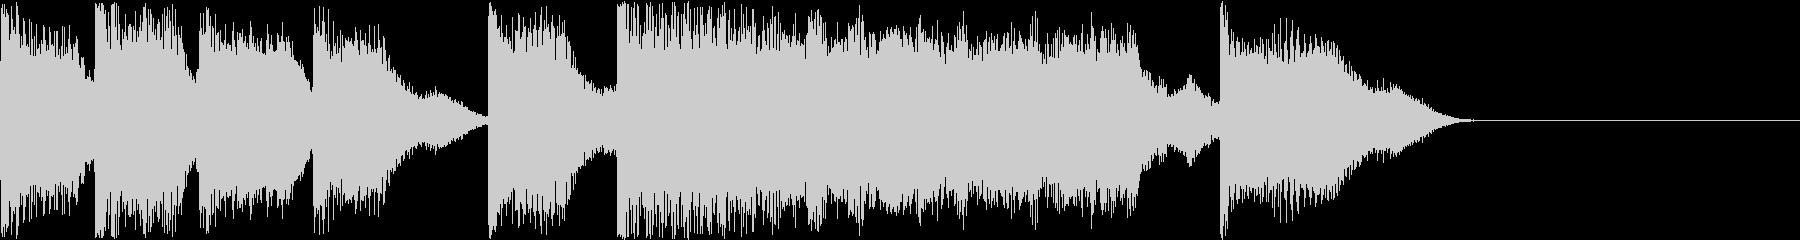 AI メカ/ロボ/マシン動作音 16の未再生の波形